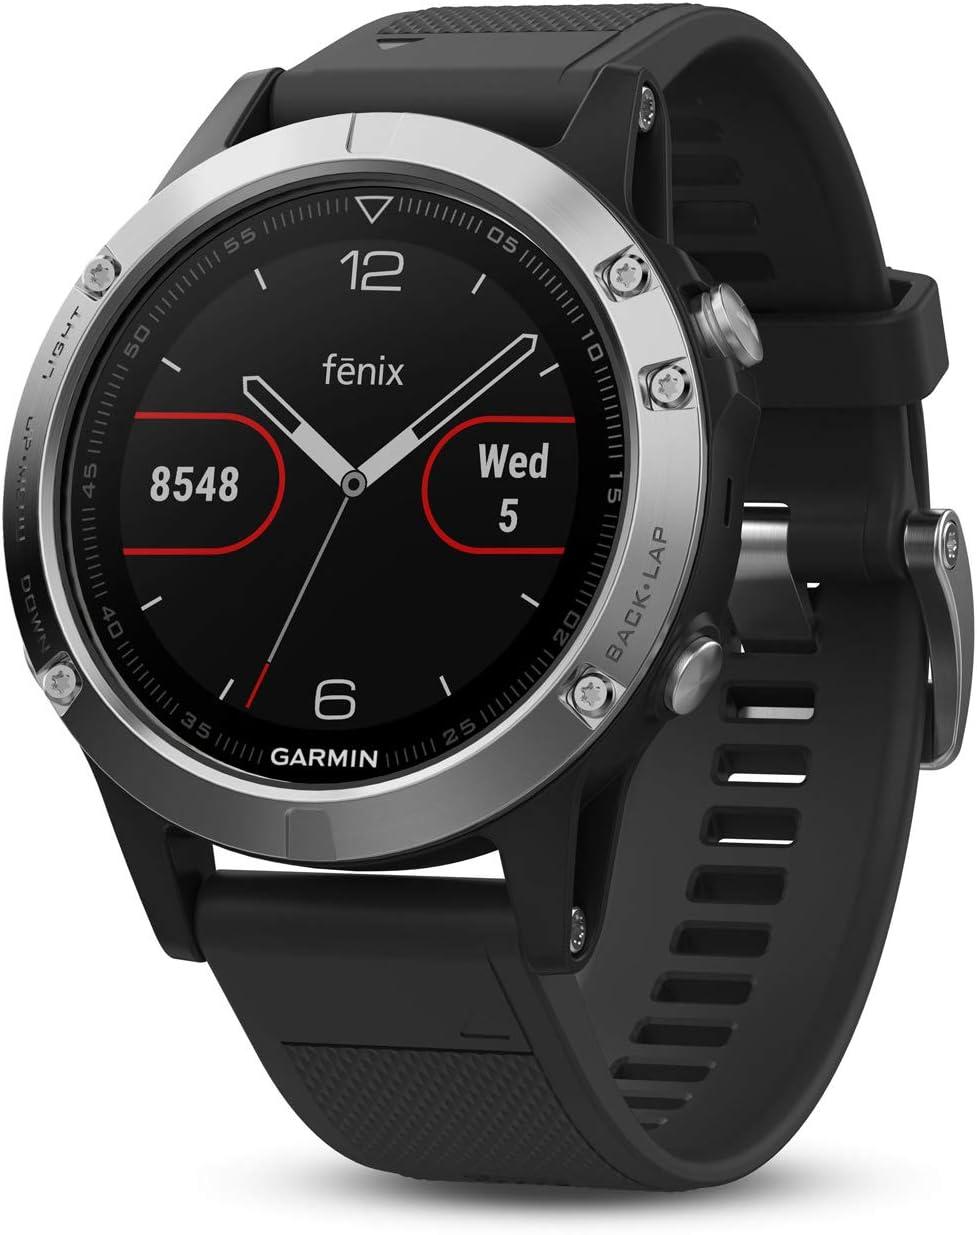 Garmin Fenix 5 Silver - Reloj Multisport GPS con Navegación y frecuencia Cardíaca, Color Plata con correa negra